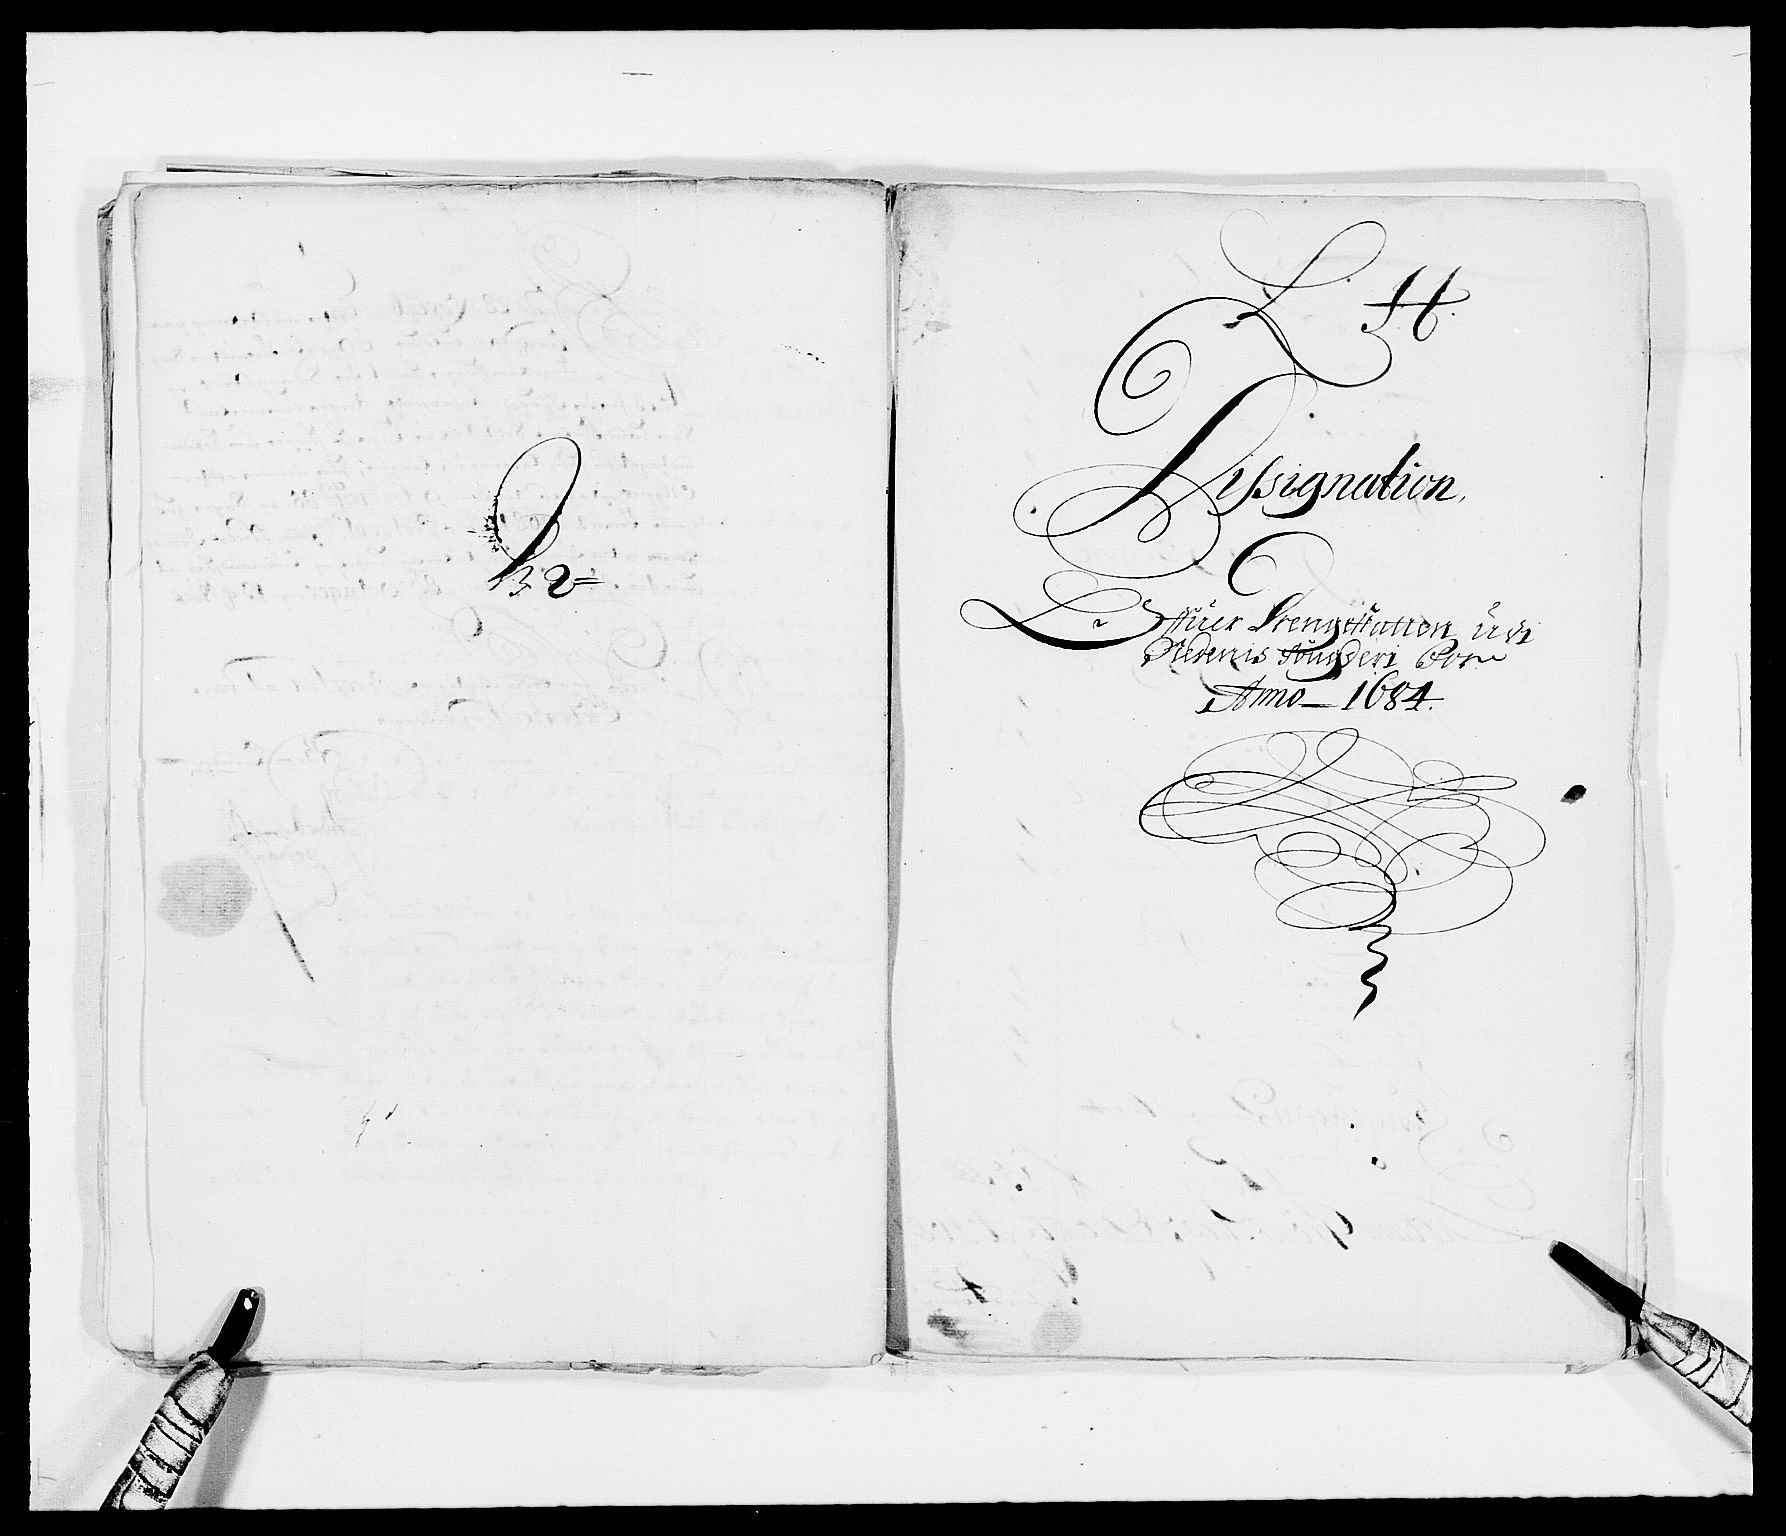 RA, Rentekammeret inntil 1814, Reviderte regnskaper, Fogderegnskap, R39/L2308: Fogderegnskap Nedenes, 1684-1689, s. 80